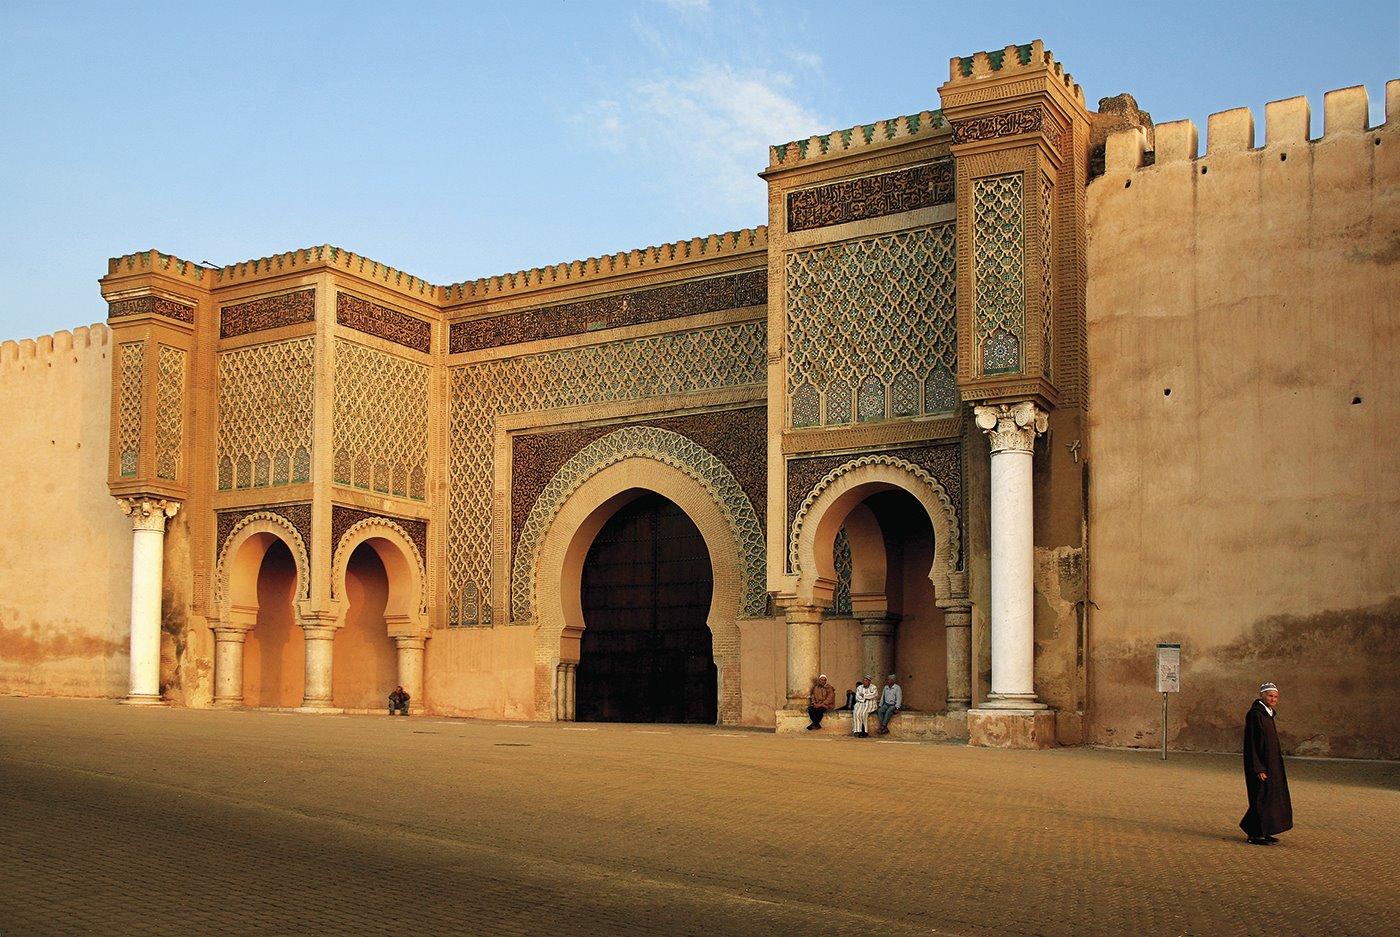 4. puerta-bab-mansour-meknes. El castigo del artista